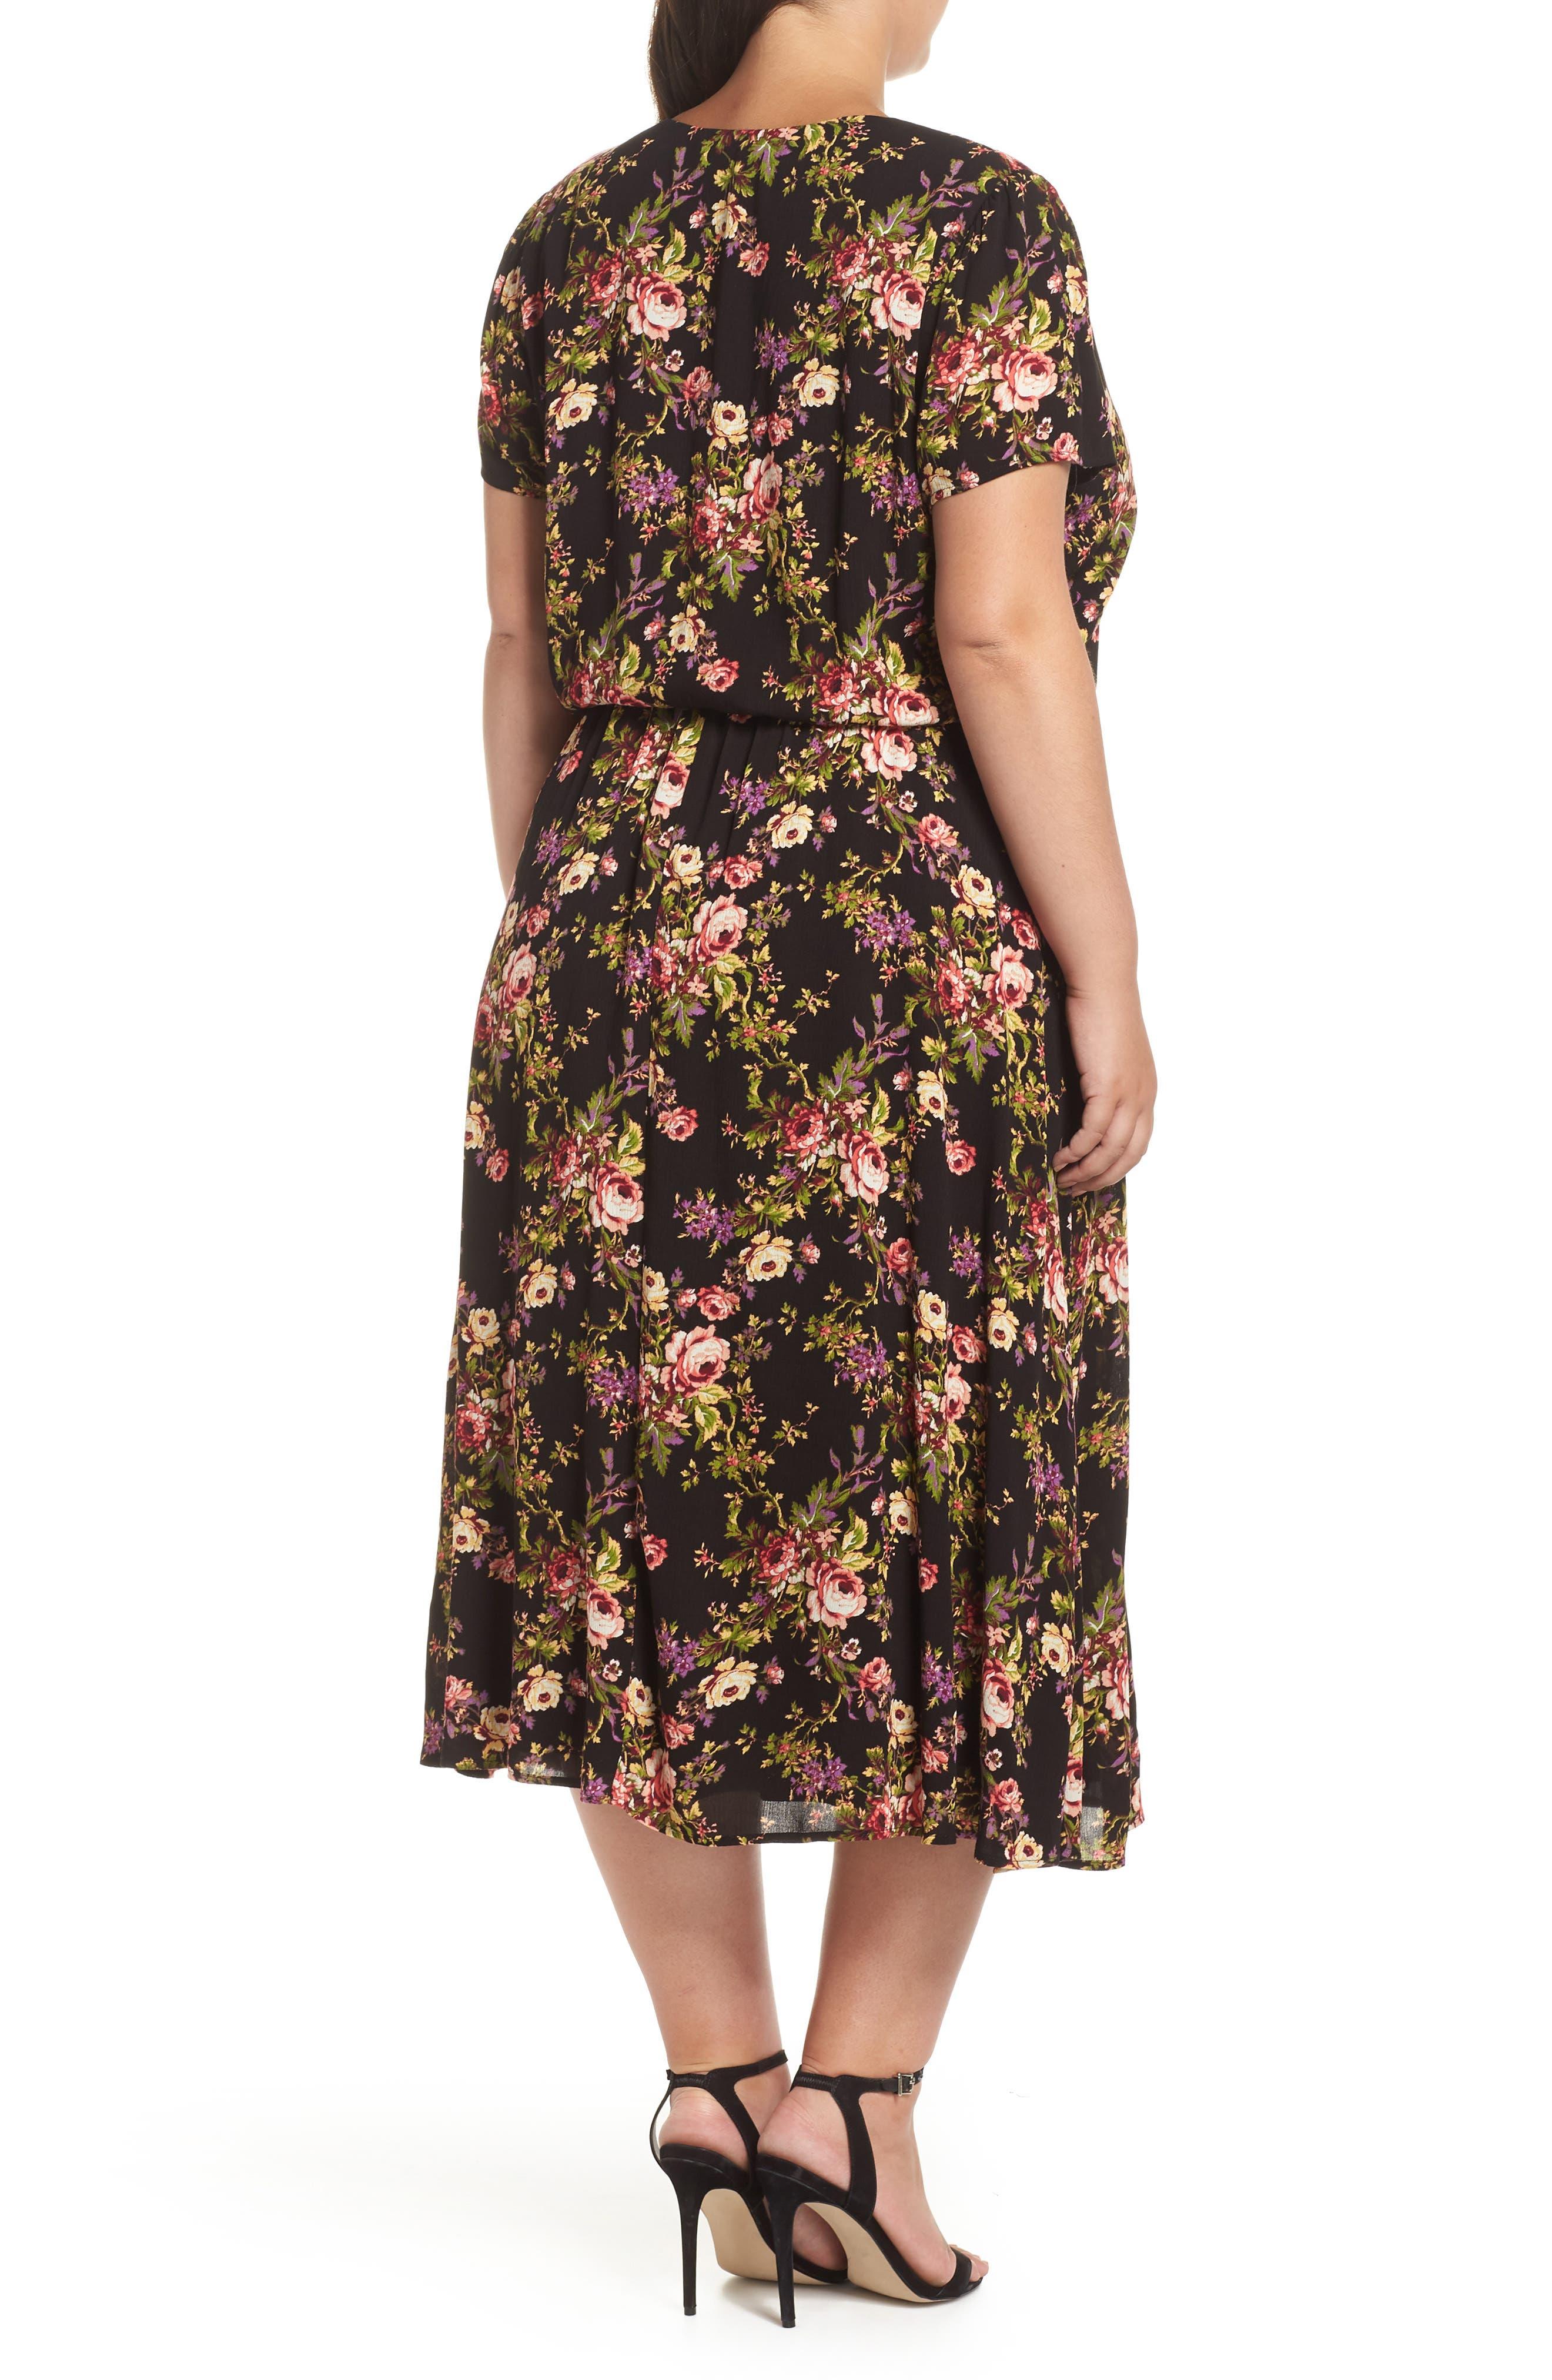 Blouson Midi Dress,                             Alternate thumbnail 2, color,                             BLACK TAPESTRY FLORAL